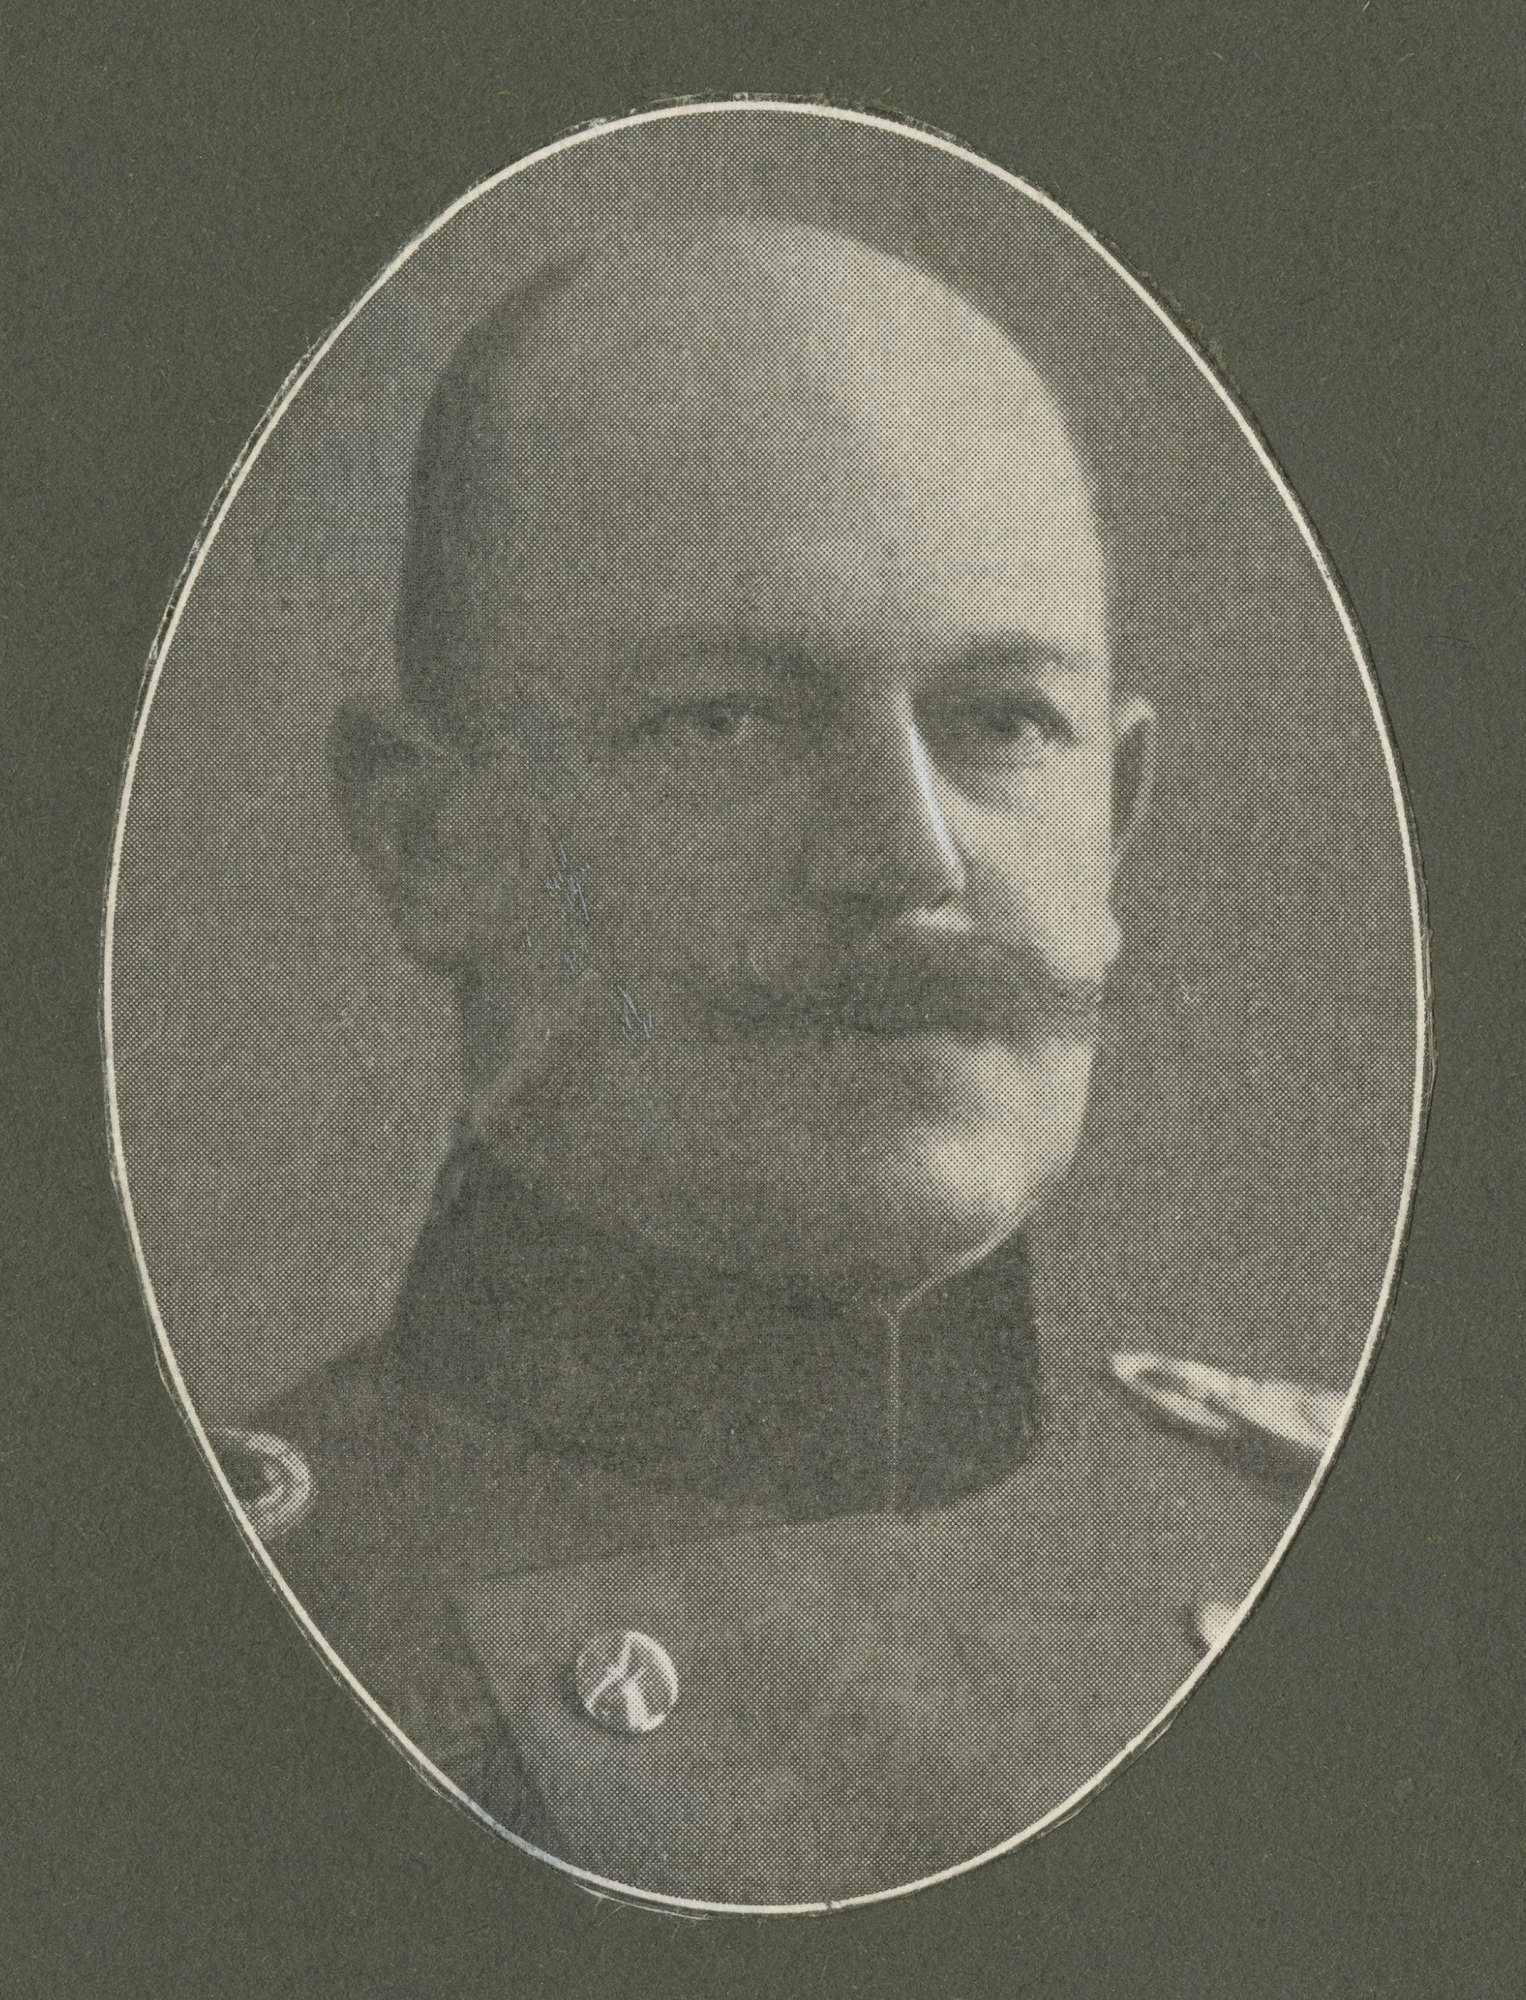 Normann-Ehrenfels, Carl von, Graf, Bild 1